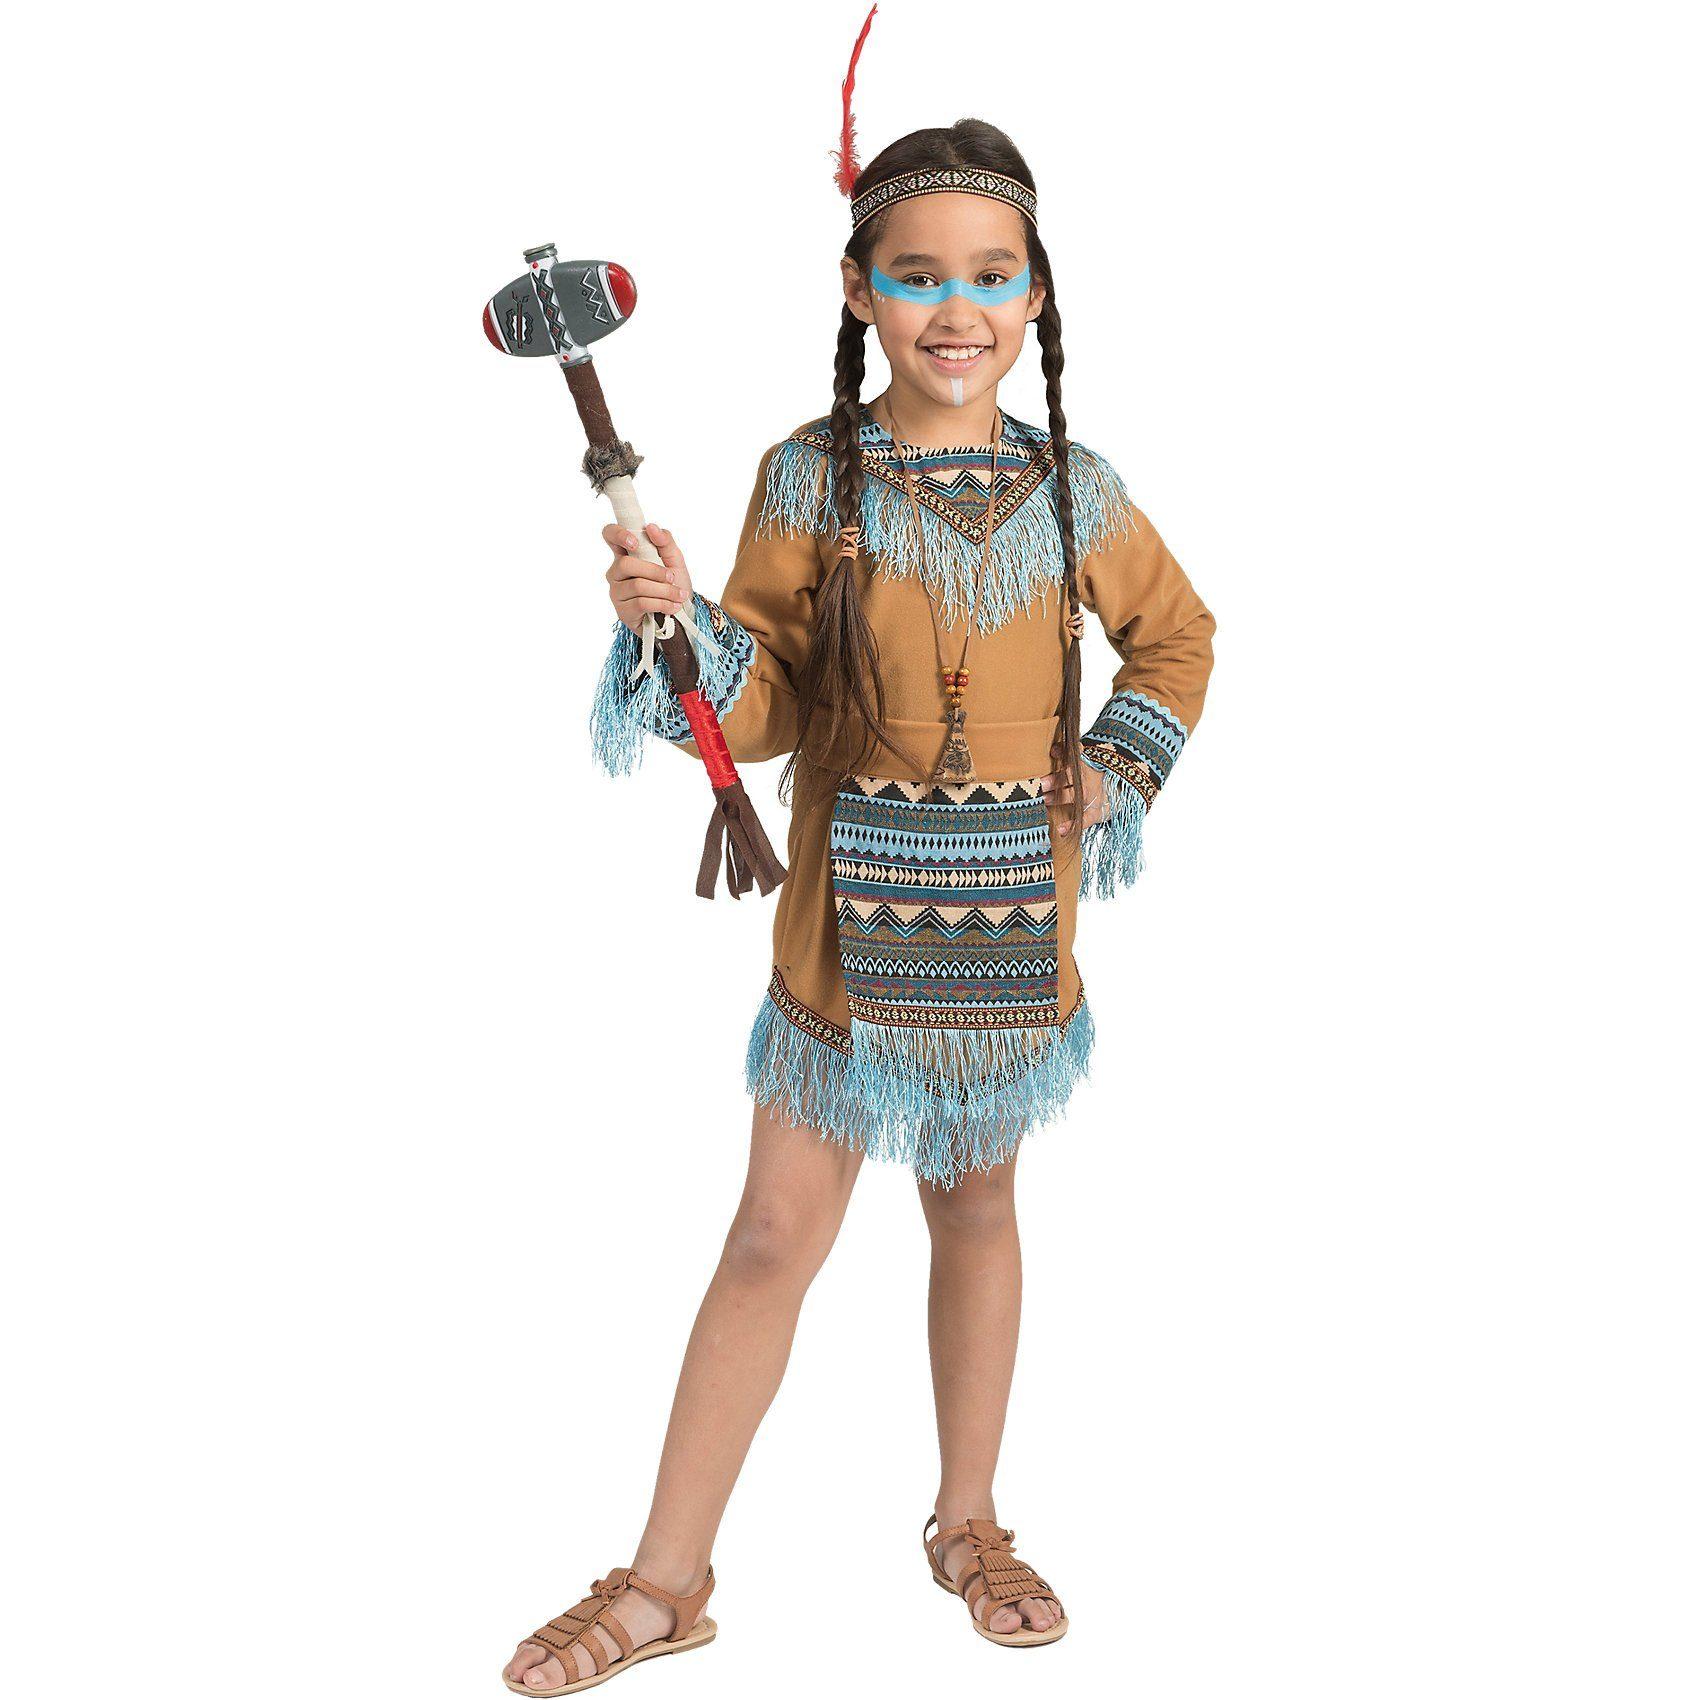 Funny Fashion Kostüm Indianer Girl Wild Wigwam, 3-tlg.